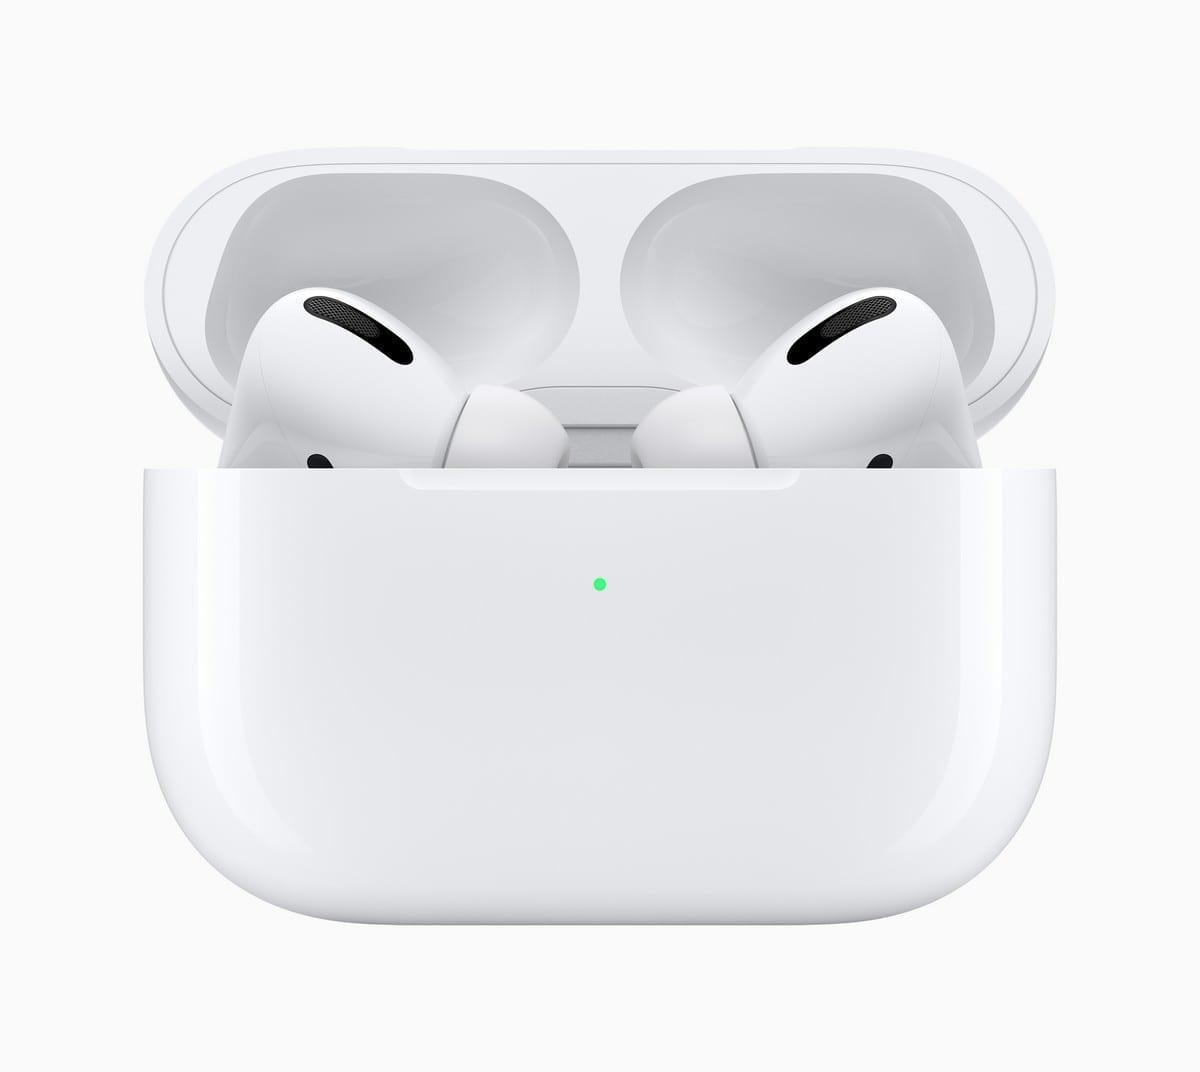 Apple are de gând să lanseze un nou model de AirPods